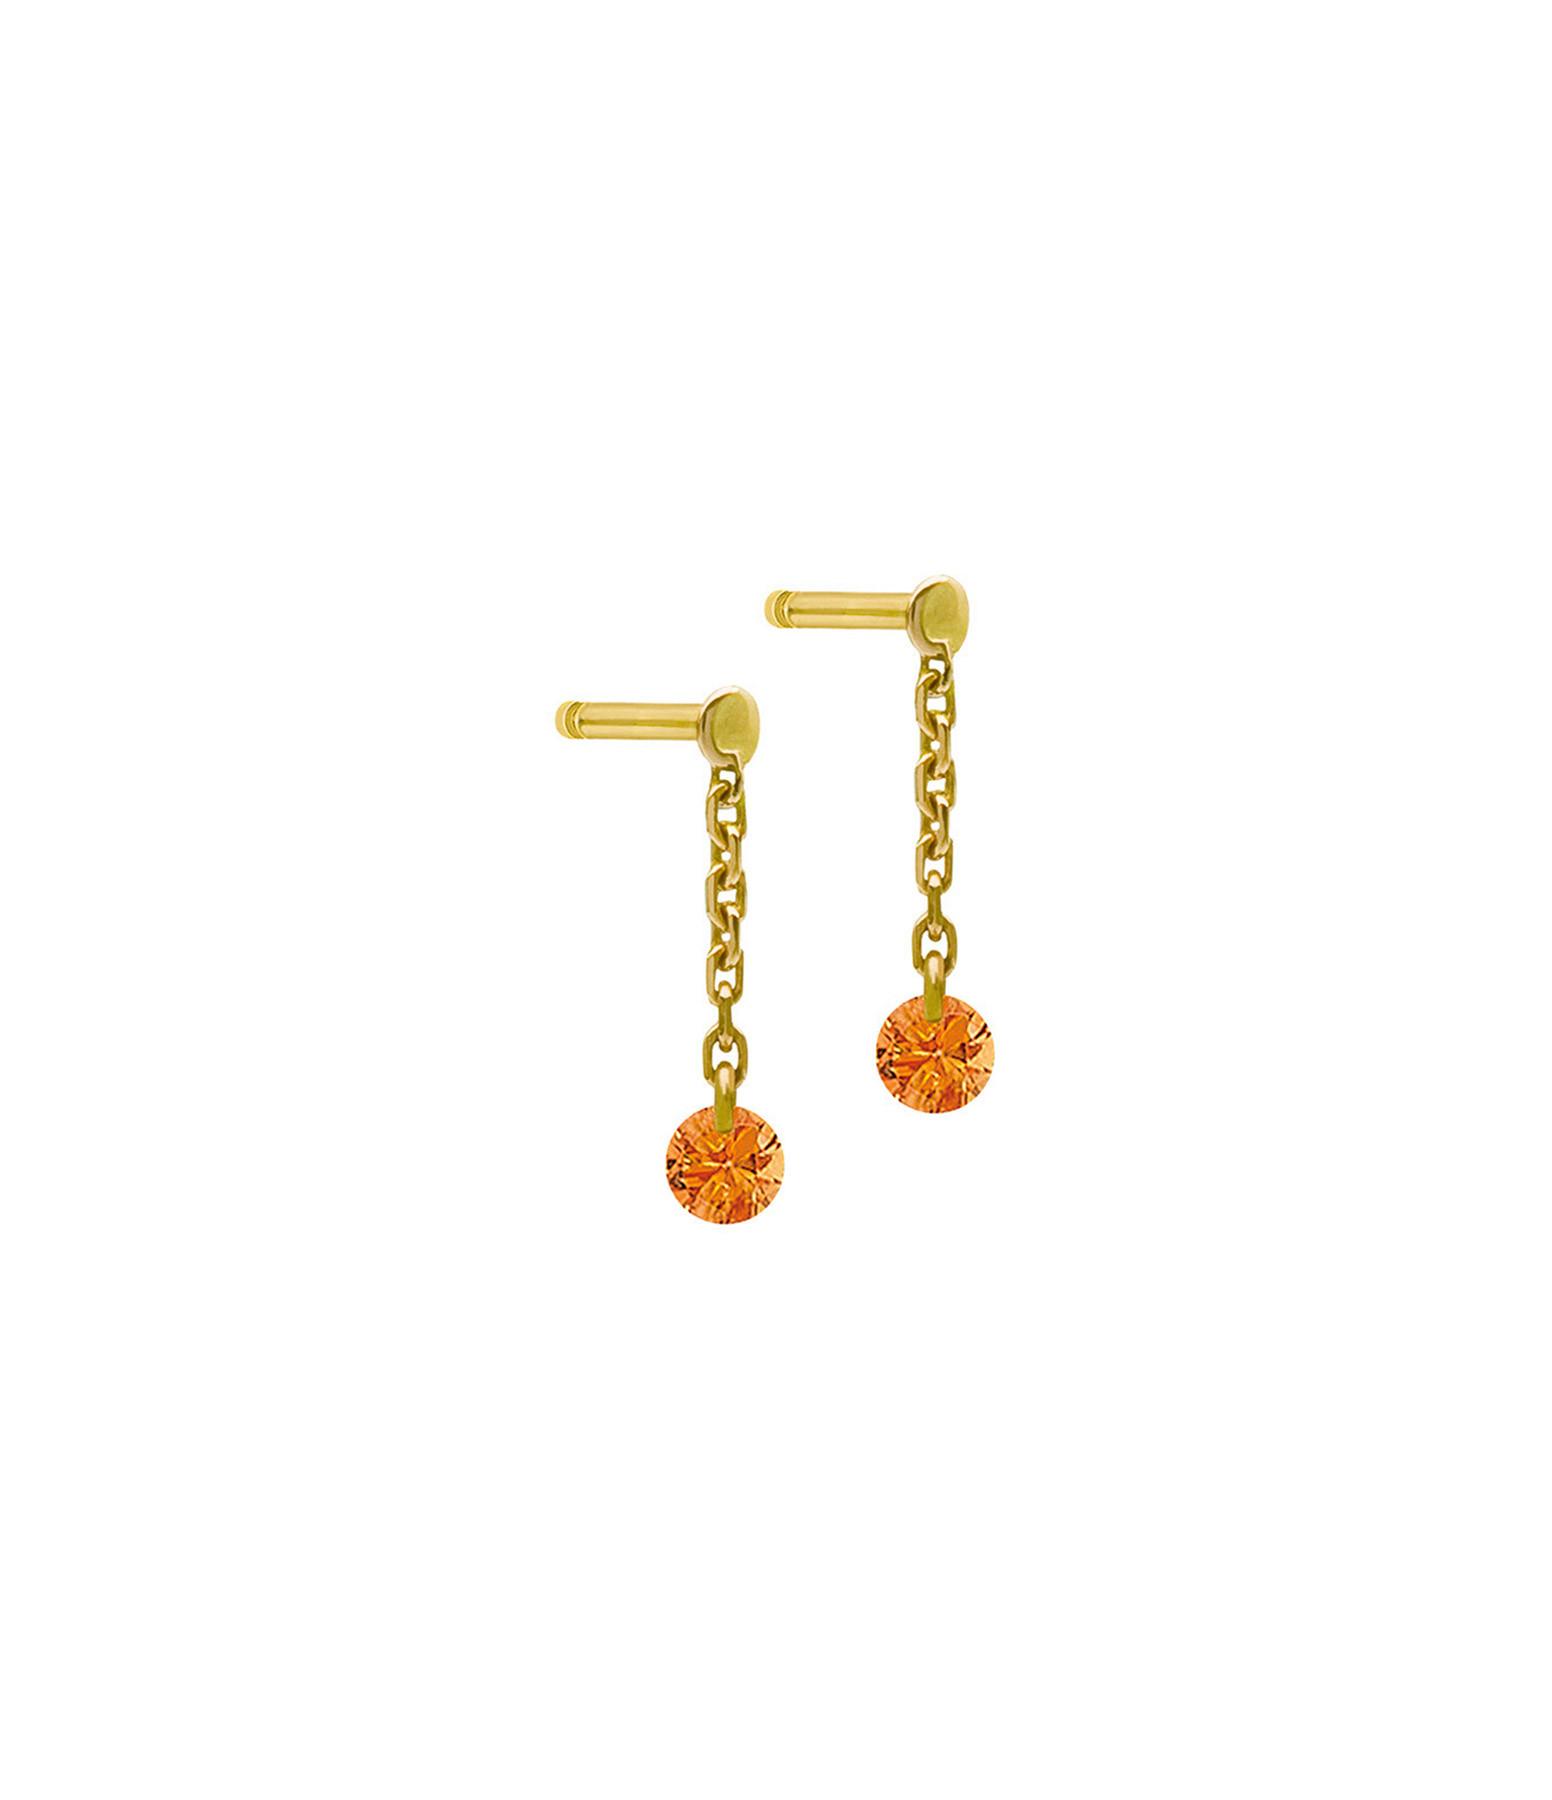 LA BRUNE & LA BLONDE - Boucles d'oreilles Confetti Saphir Orange Or Jaune